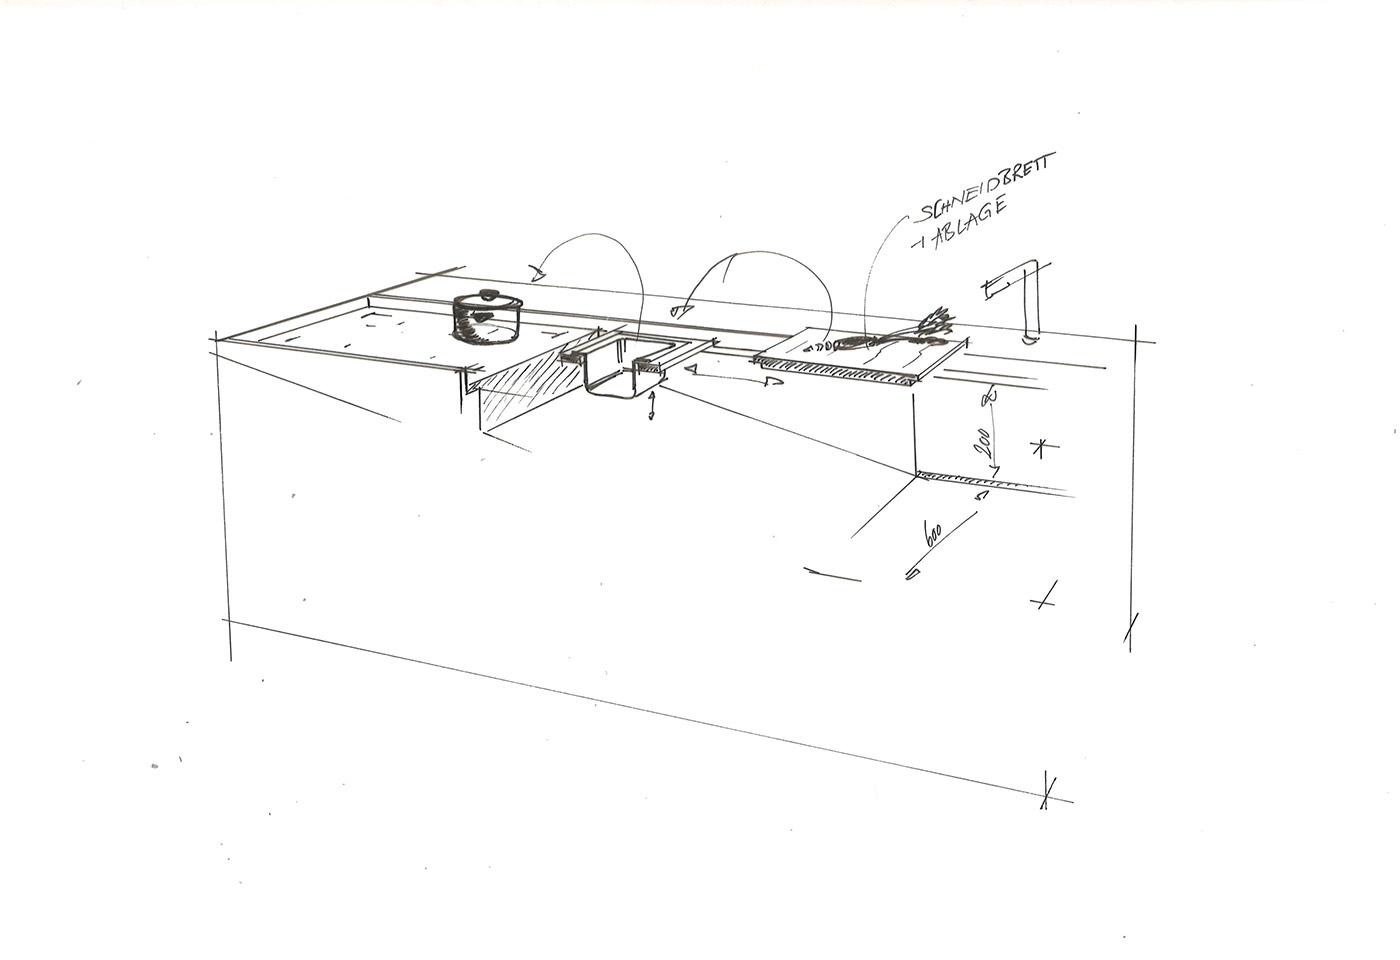 Skizze einer Küchenzeile zur Küchenplanung einer Orea T Kochinsel mit unterschiedlichen Features.